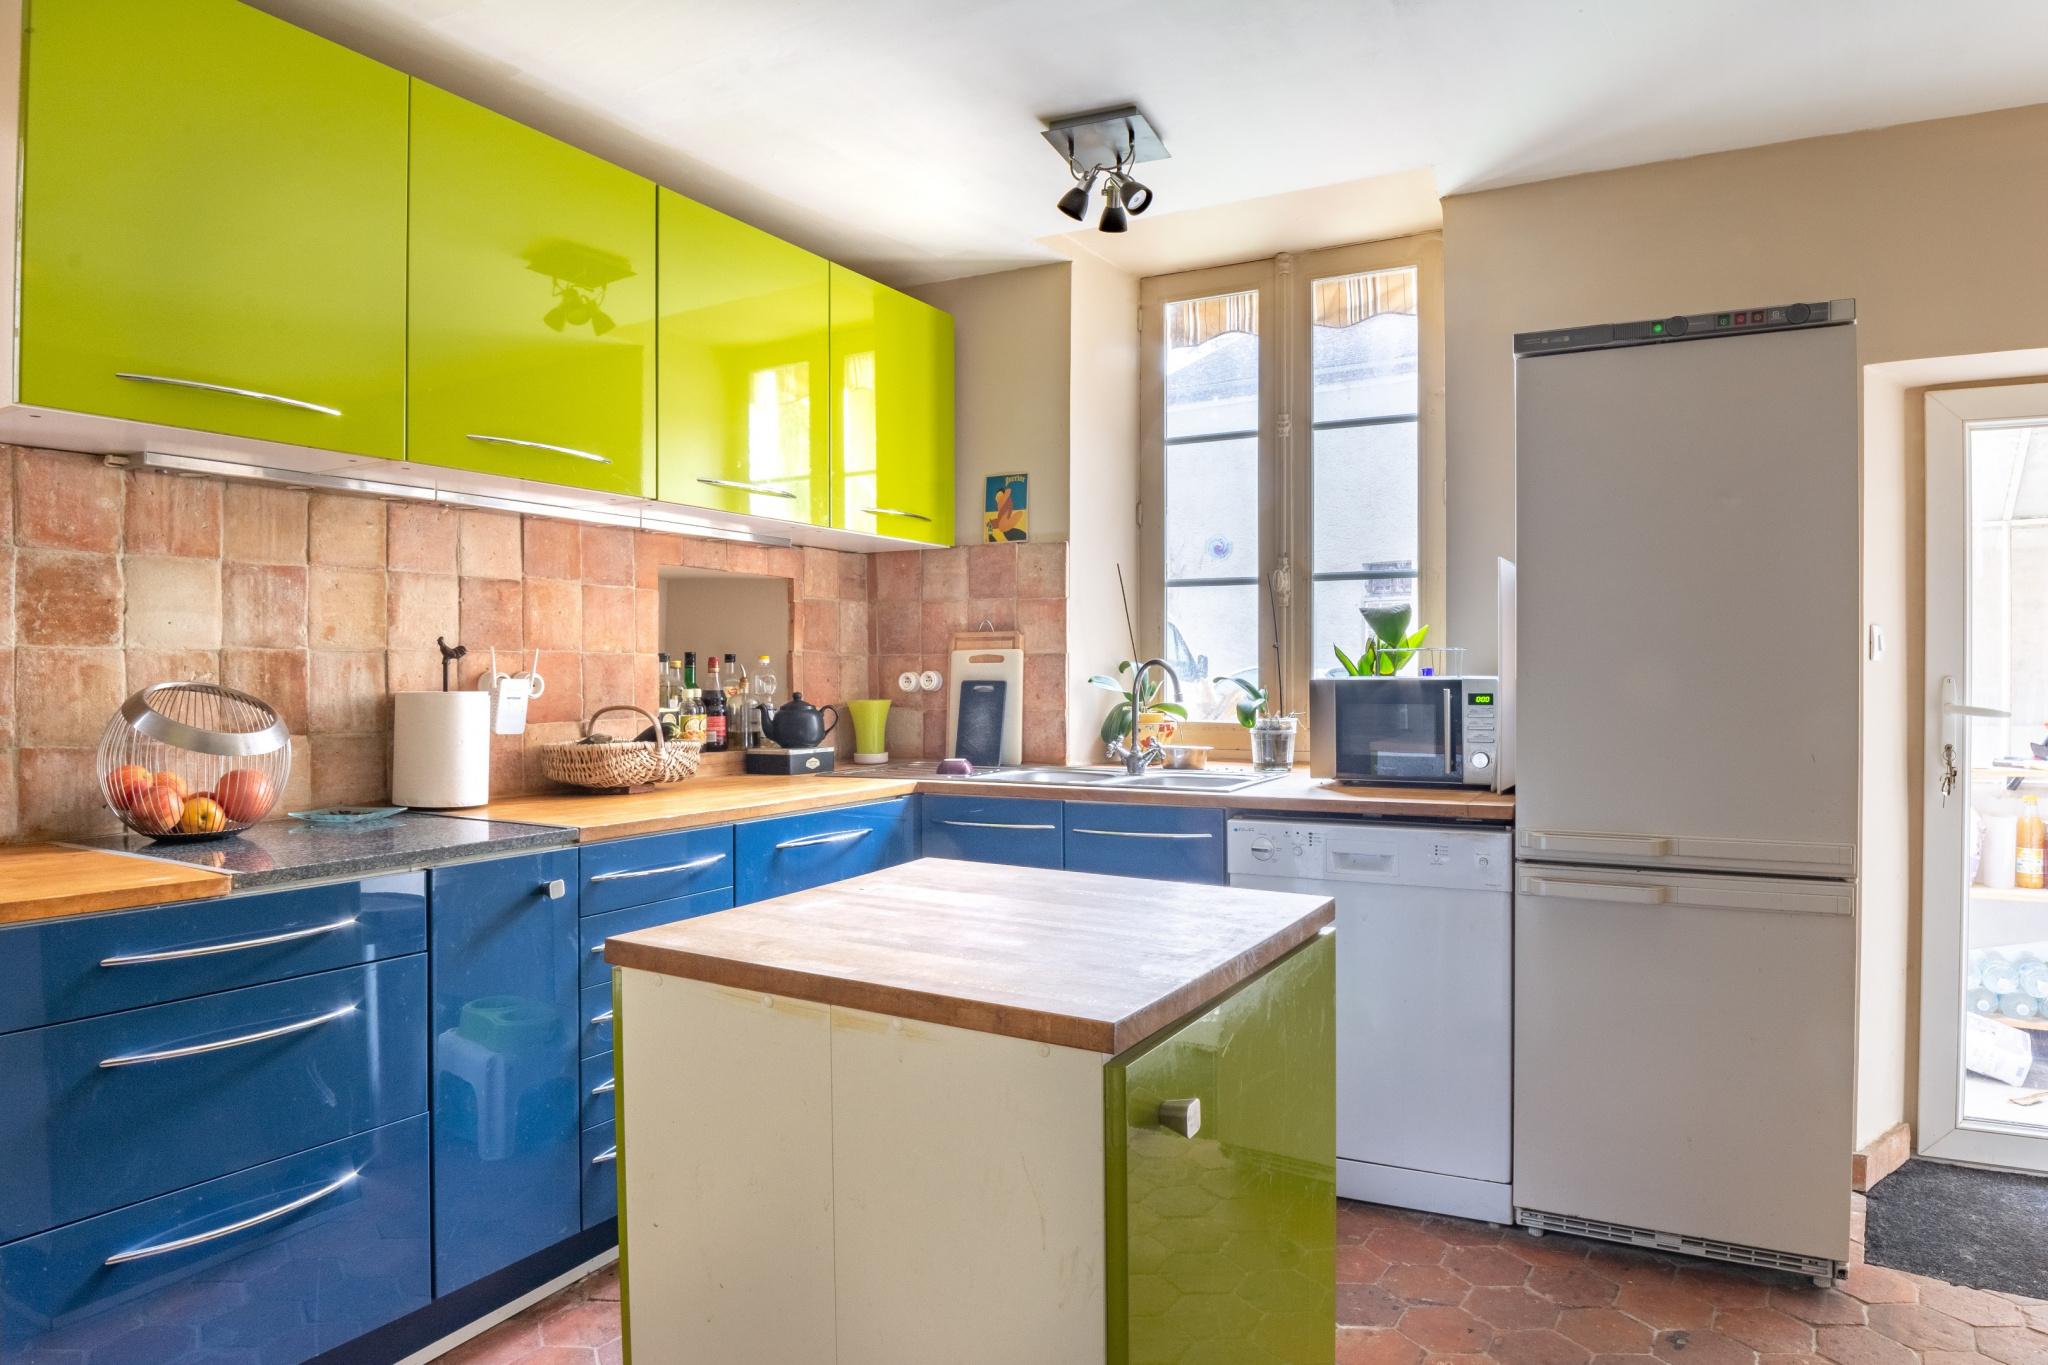 vente maison ancienne avec terrasse et jardin clos. Black Bedroom Furniture Sets. Home Design Ideas